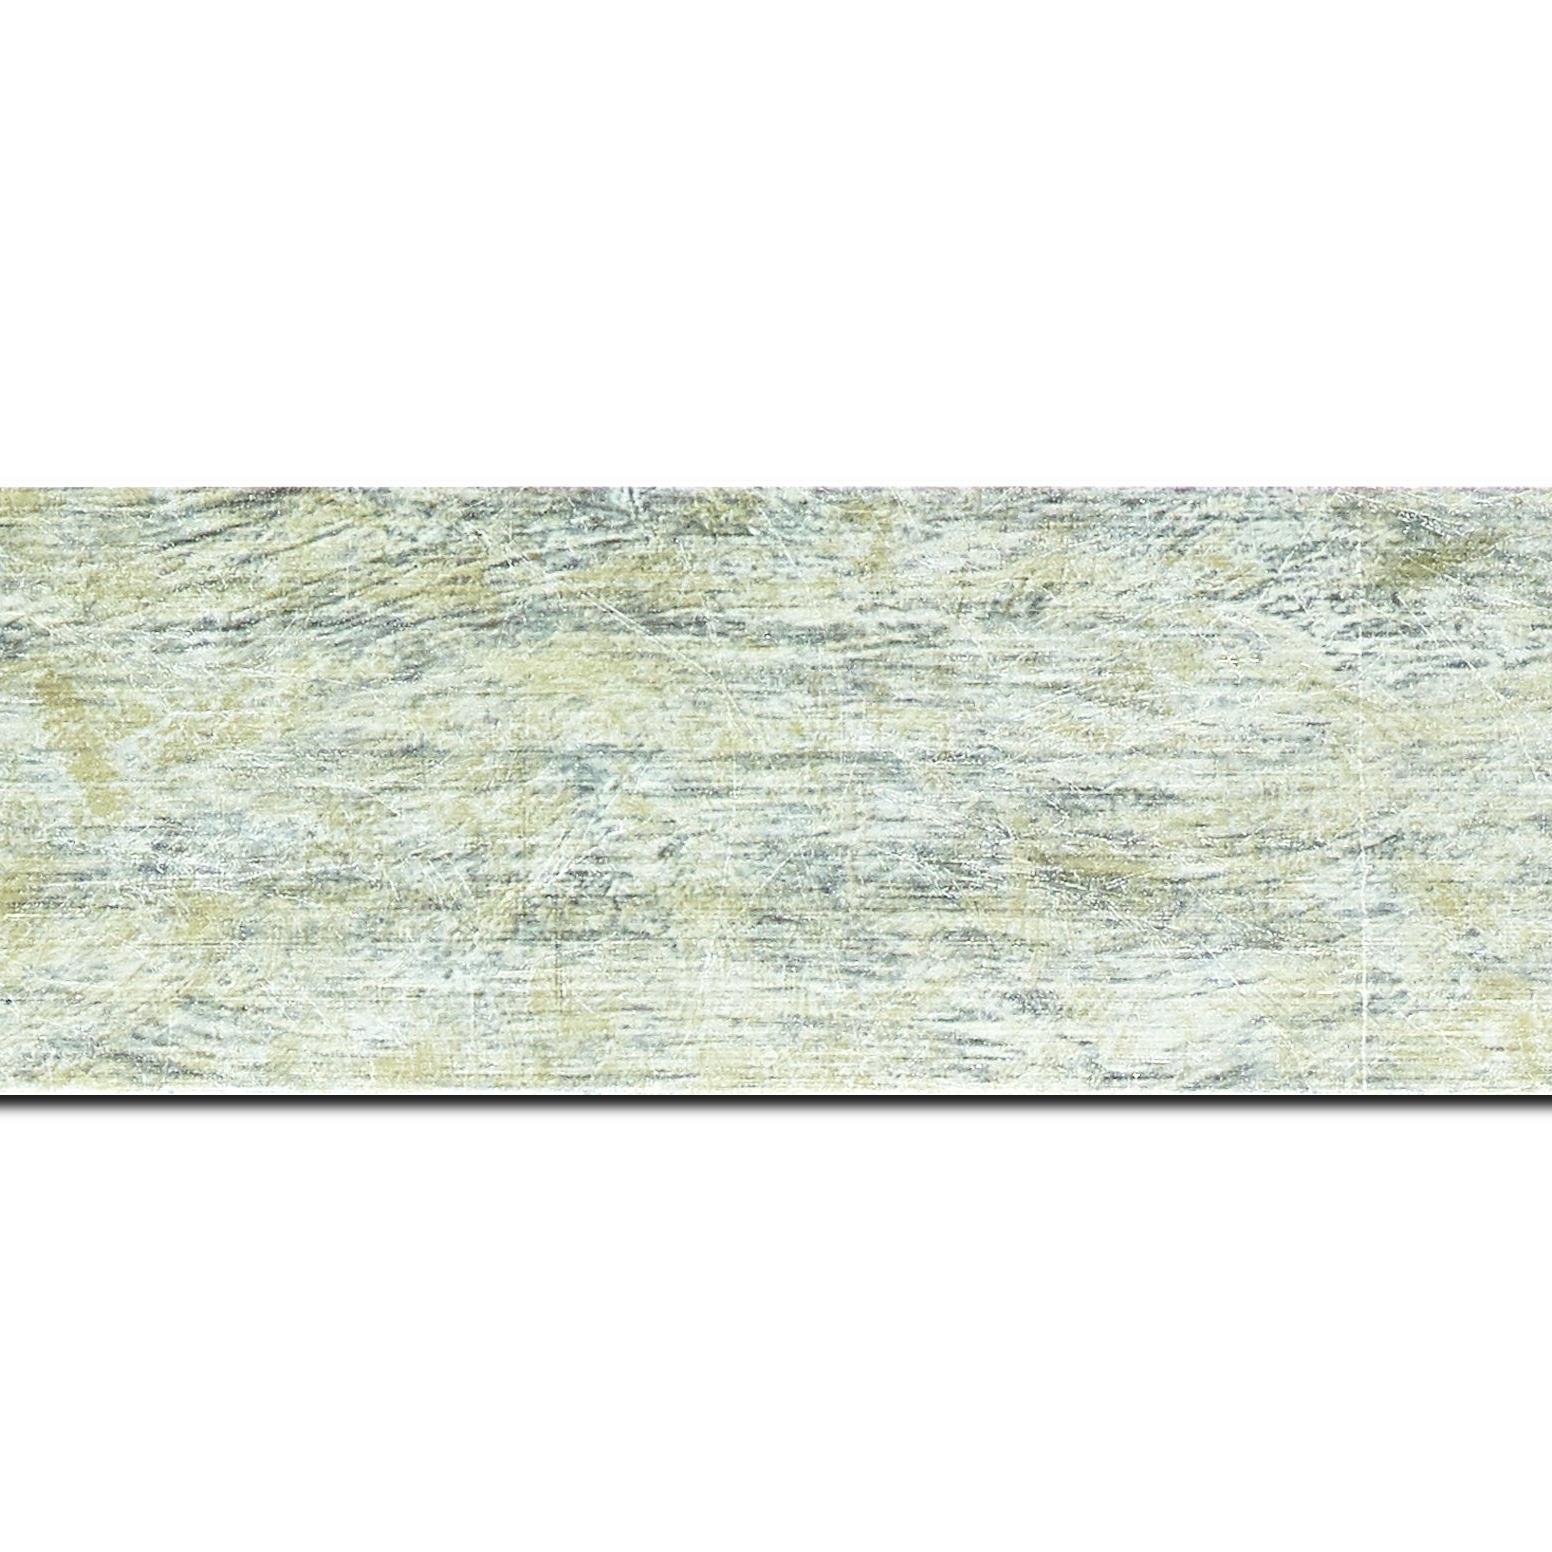 Baguette longueur 1.40m bois profil plat largeur 5.9cm argent effet marbré